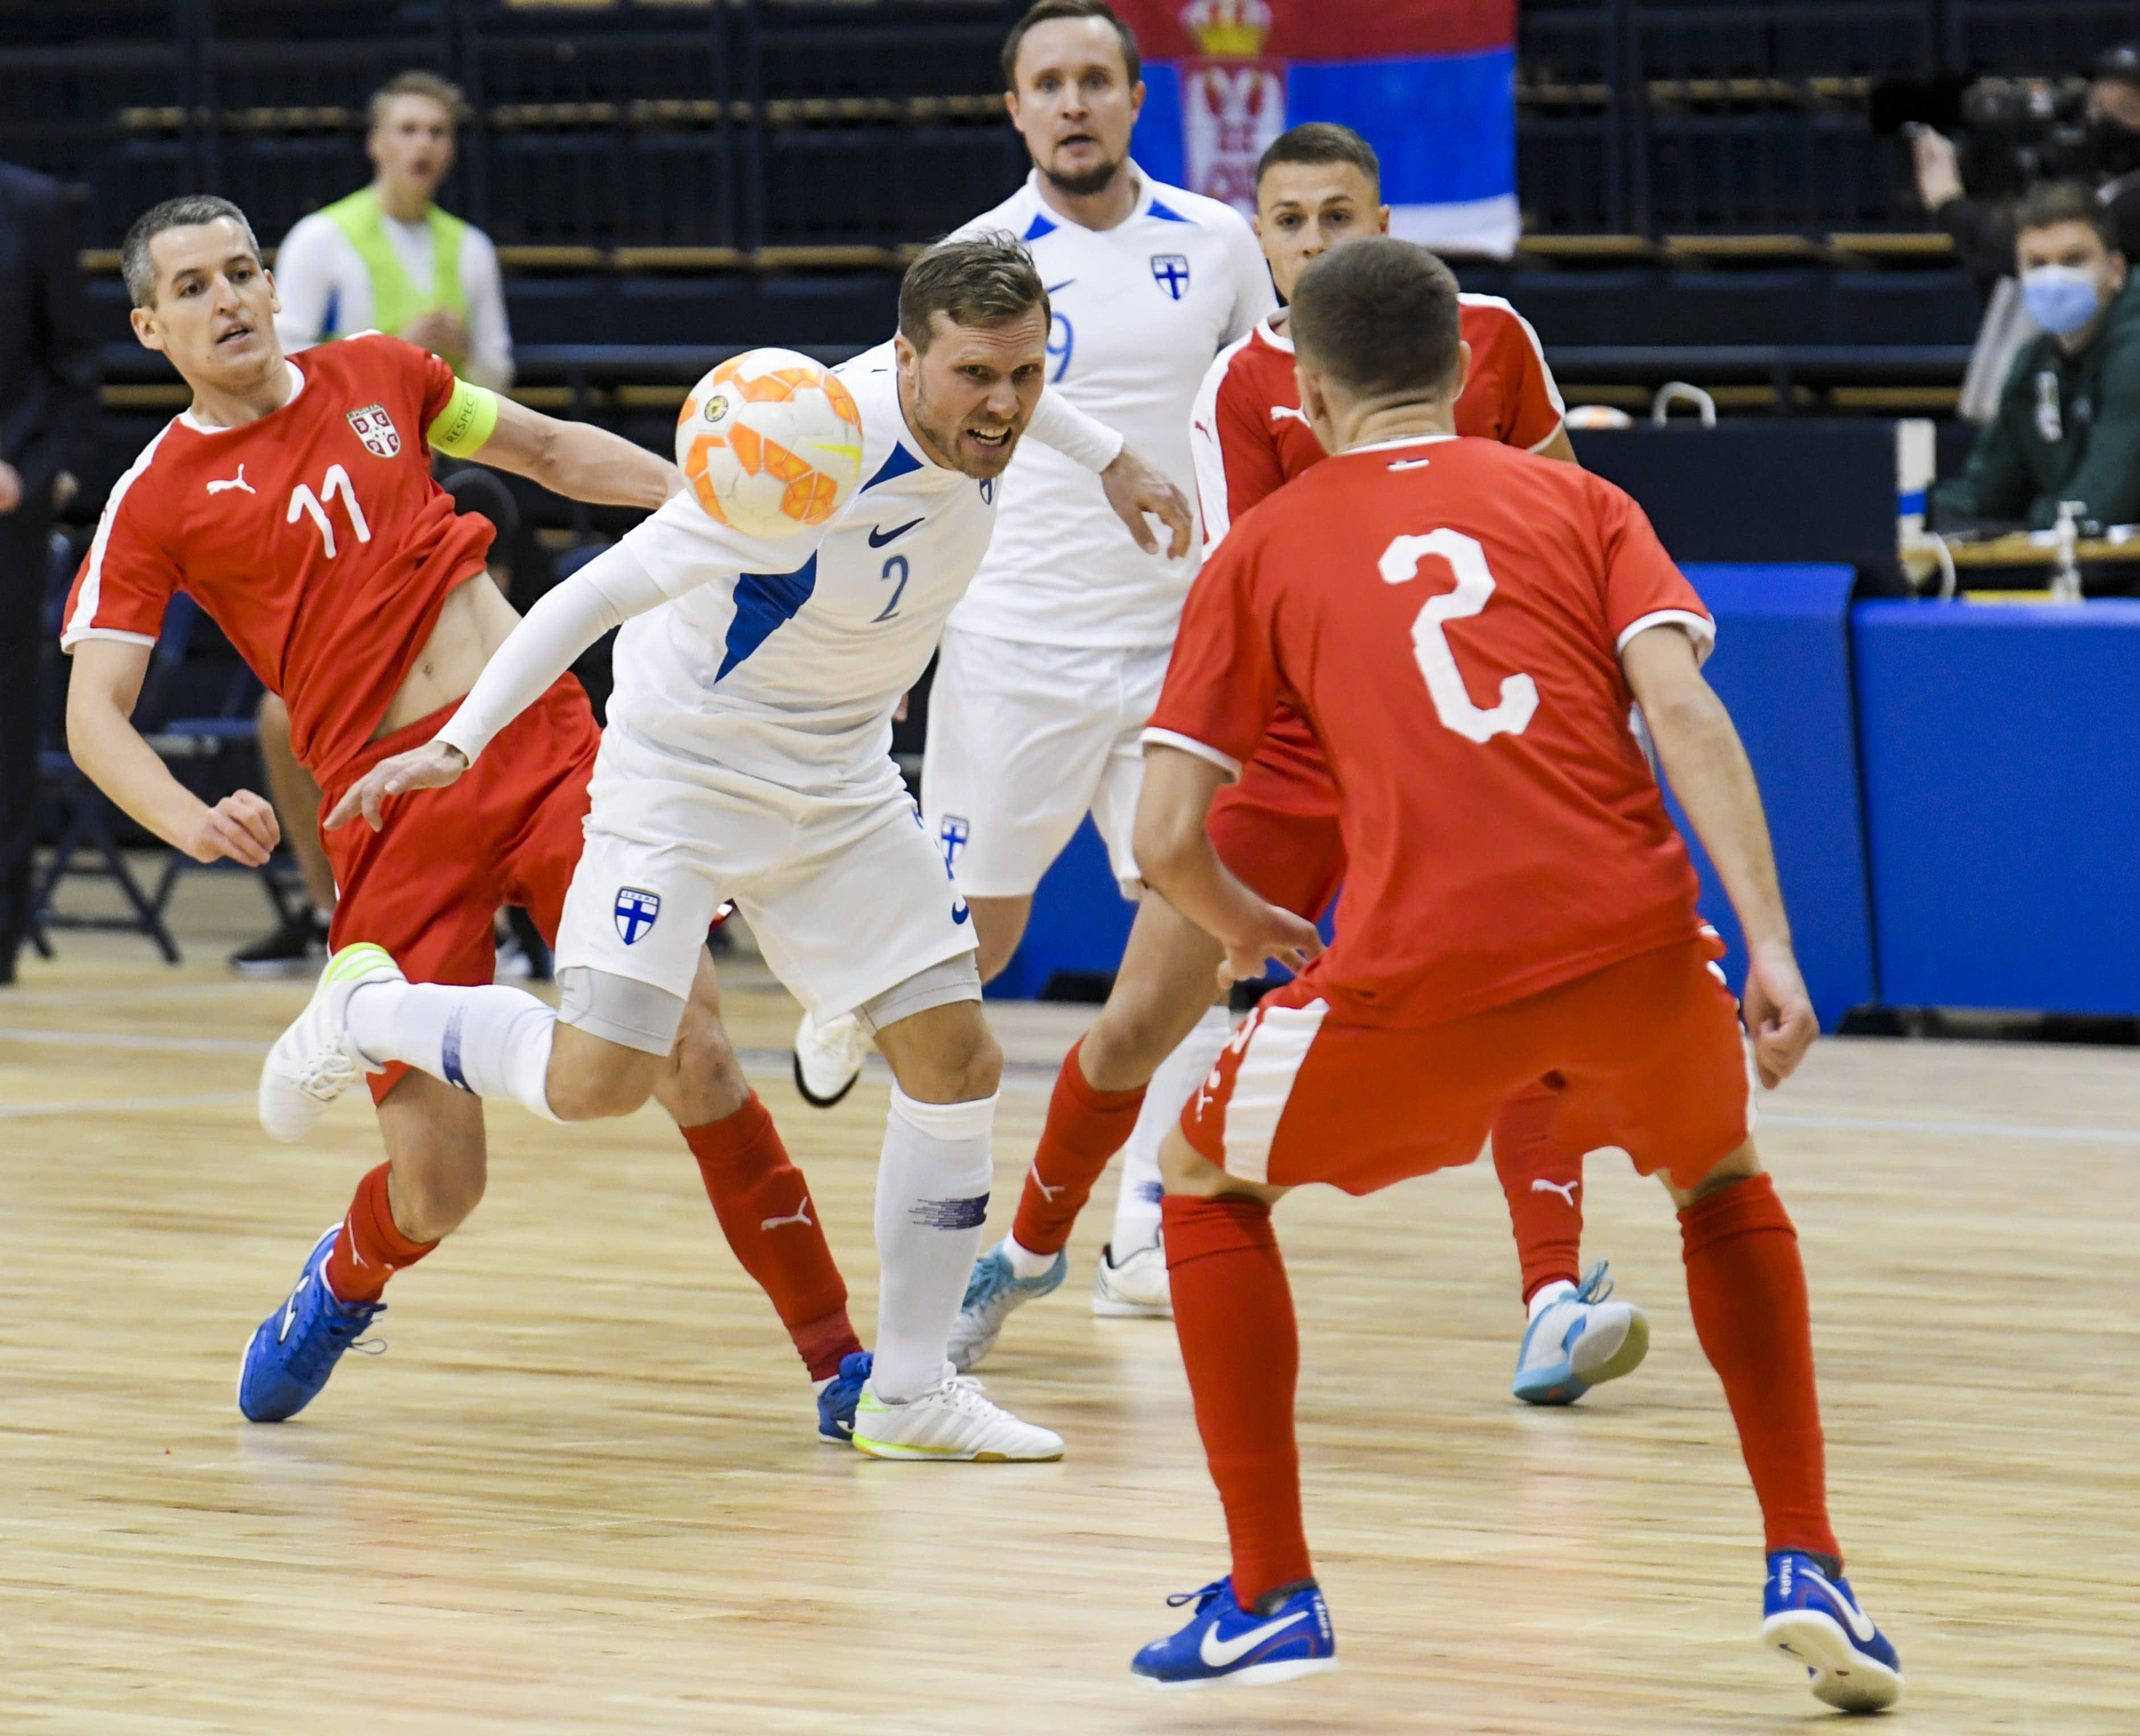 Futsalmiesten maalikimara ei riittänyt MM-kisoihin